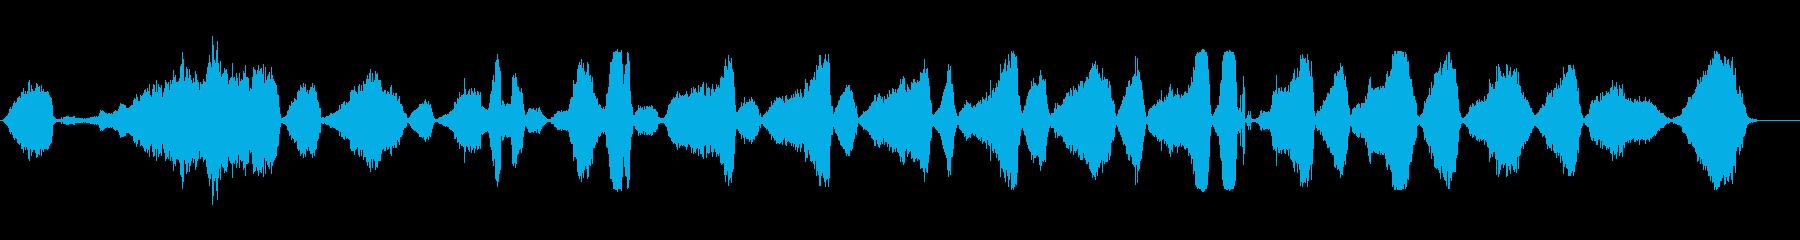 シンセエイリアン呼吸;非常に遅い、...の再生済みの波形